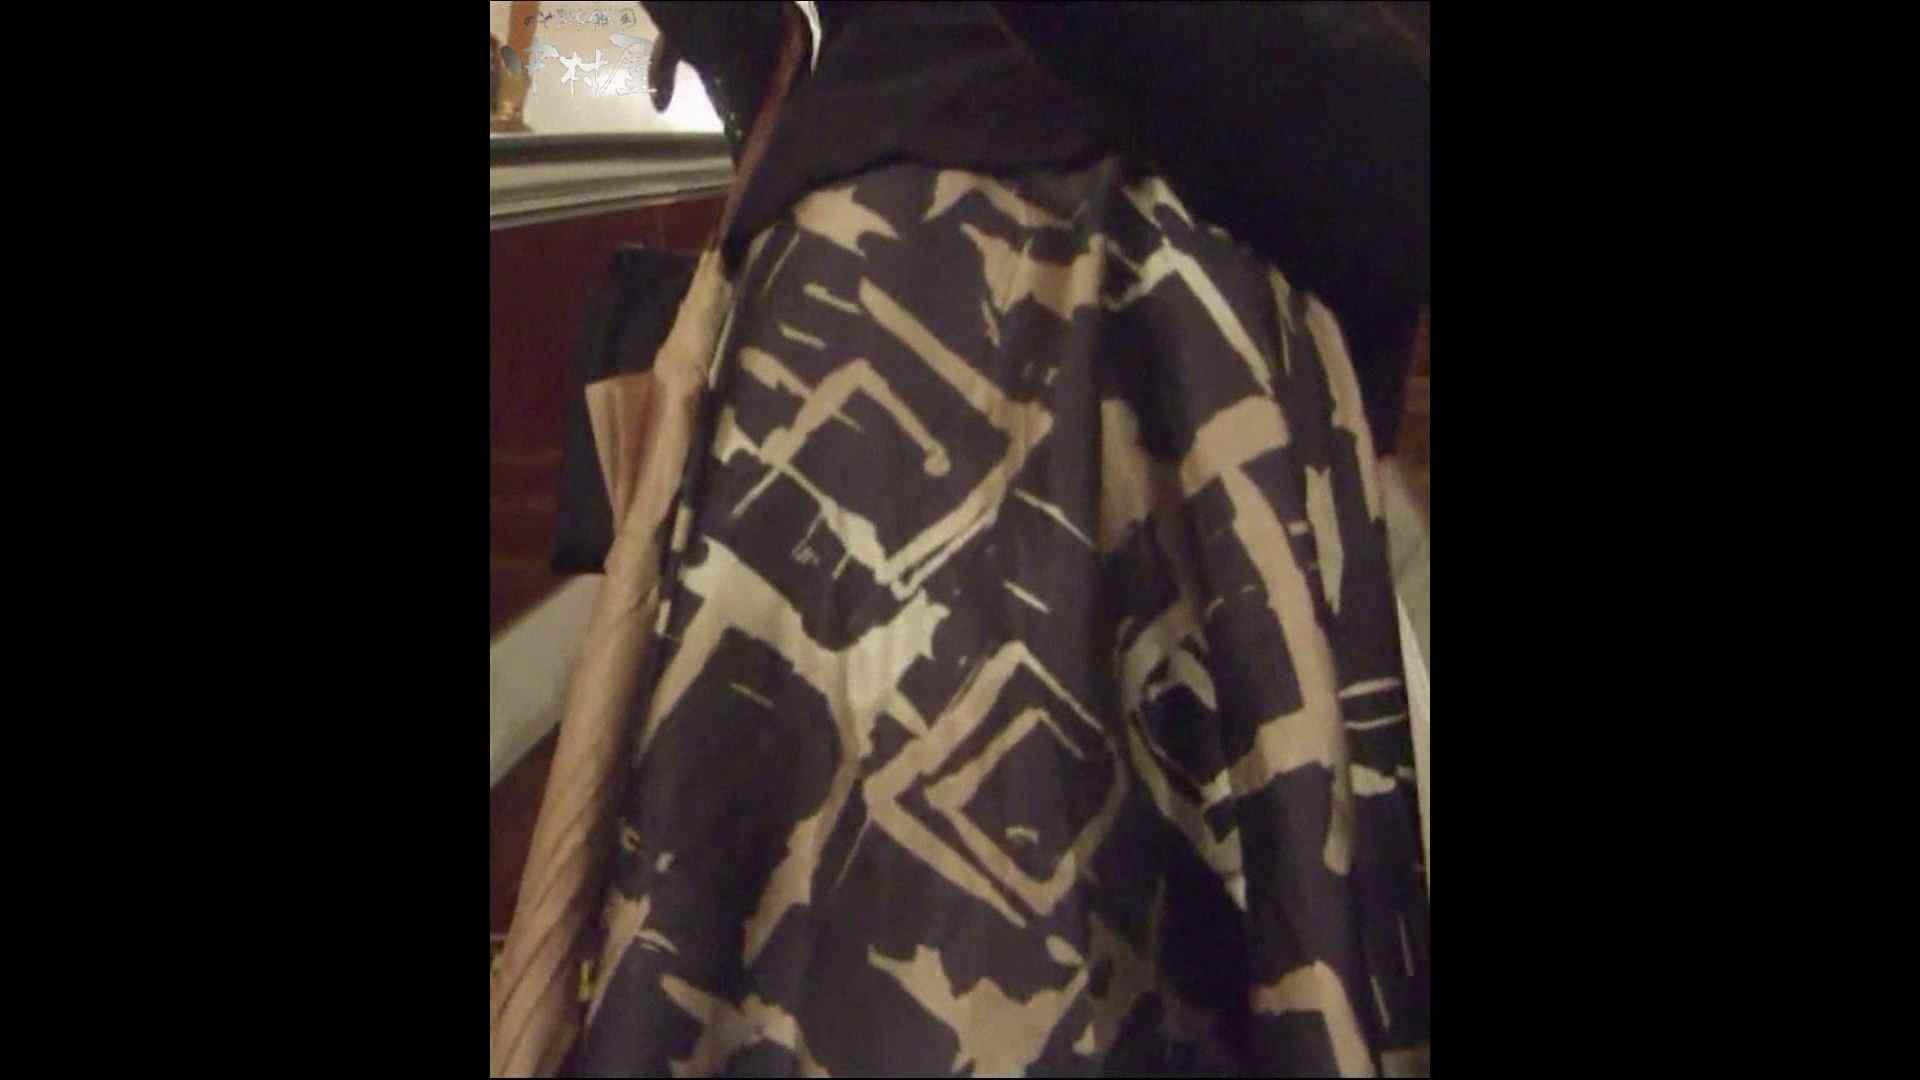 綺麗なモデルさんのスカート捲っちゃおう‼ vol19 お姉さんのエロ動画   0  110PIX 69